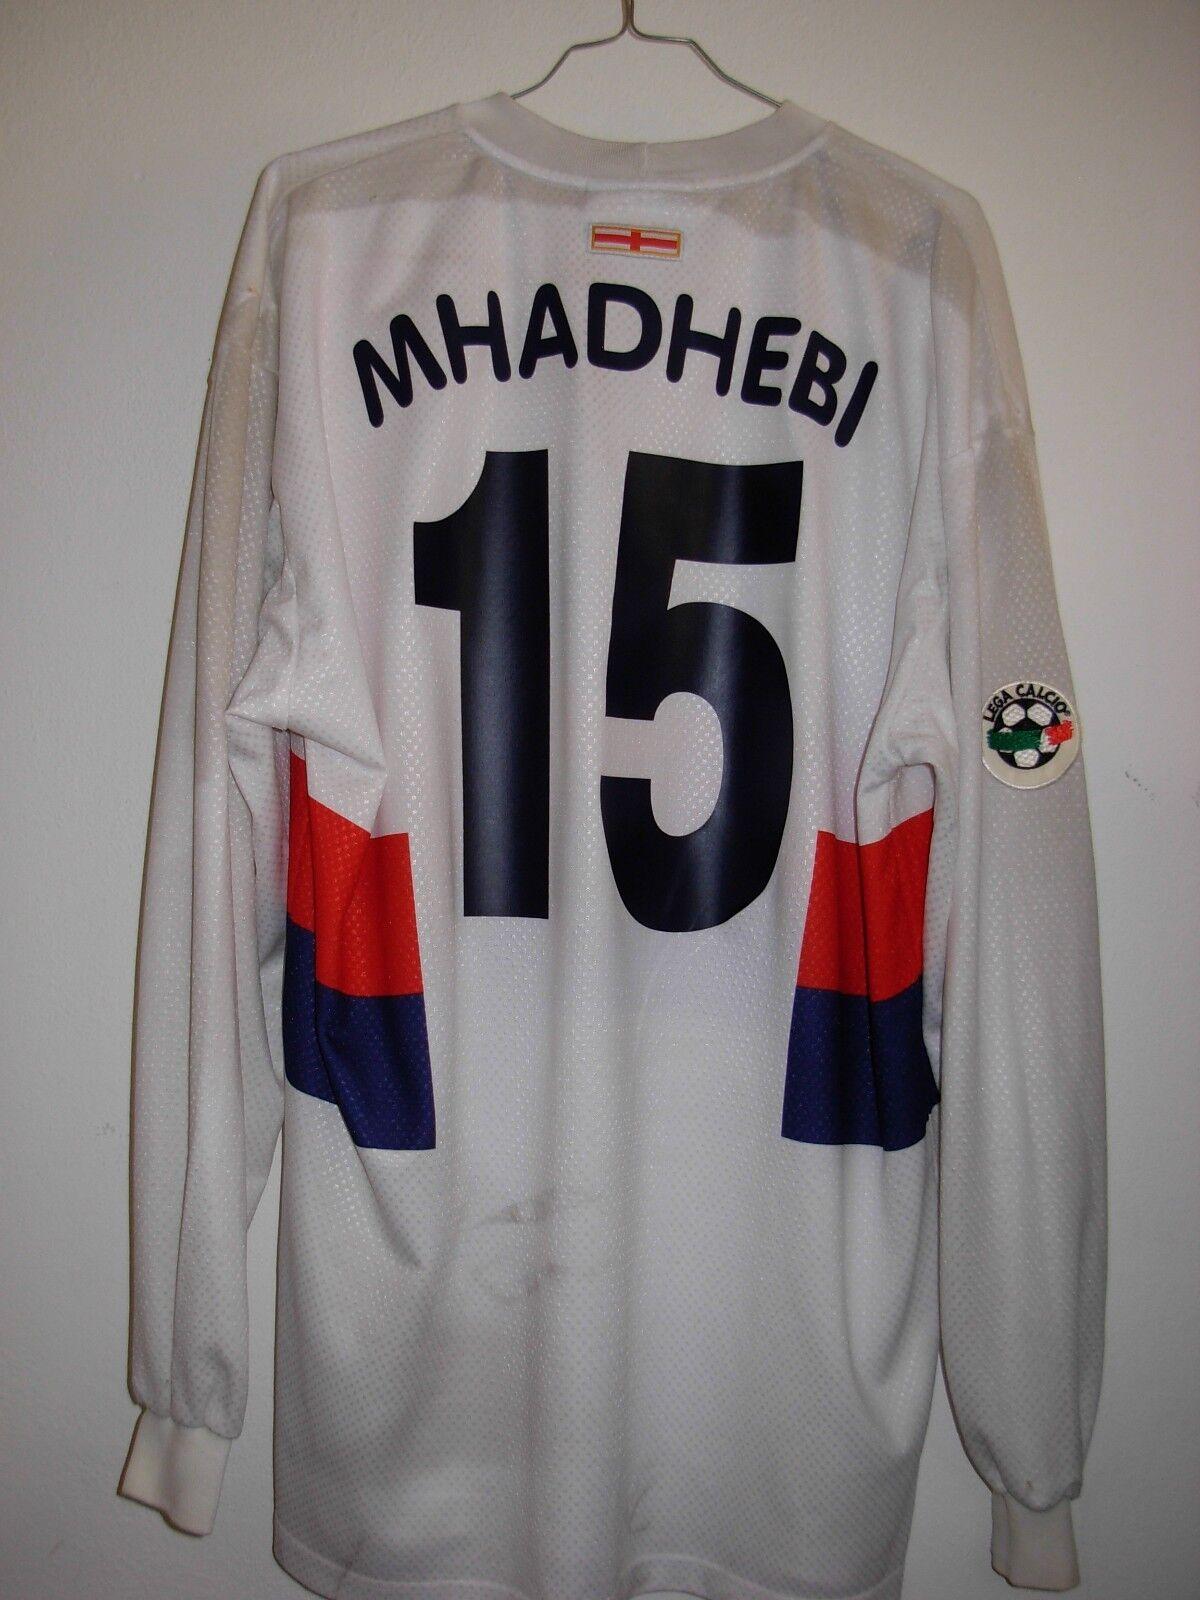 Maglia calcio genoa mhadhebi errea nr 15 Dimensione XXL